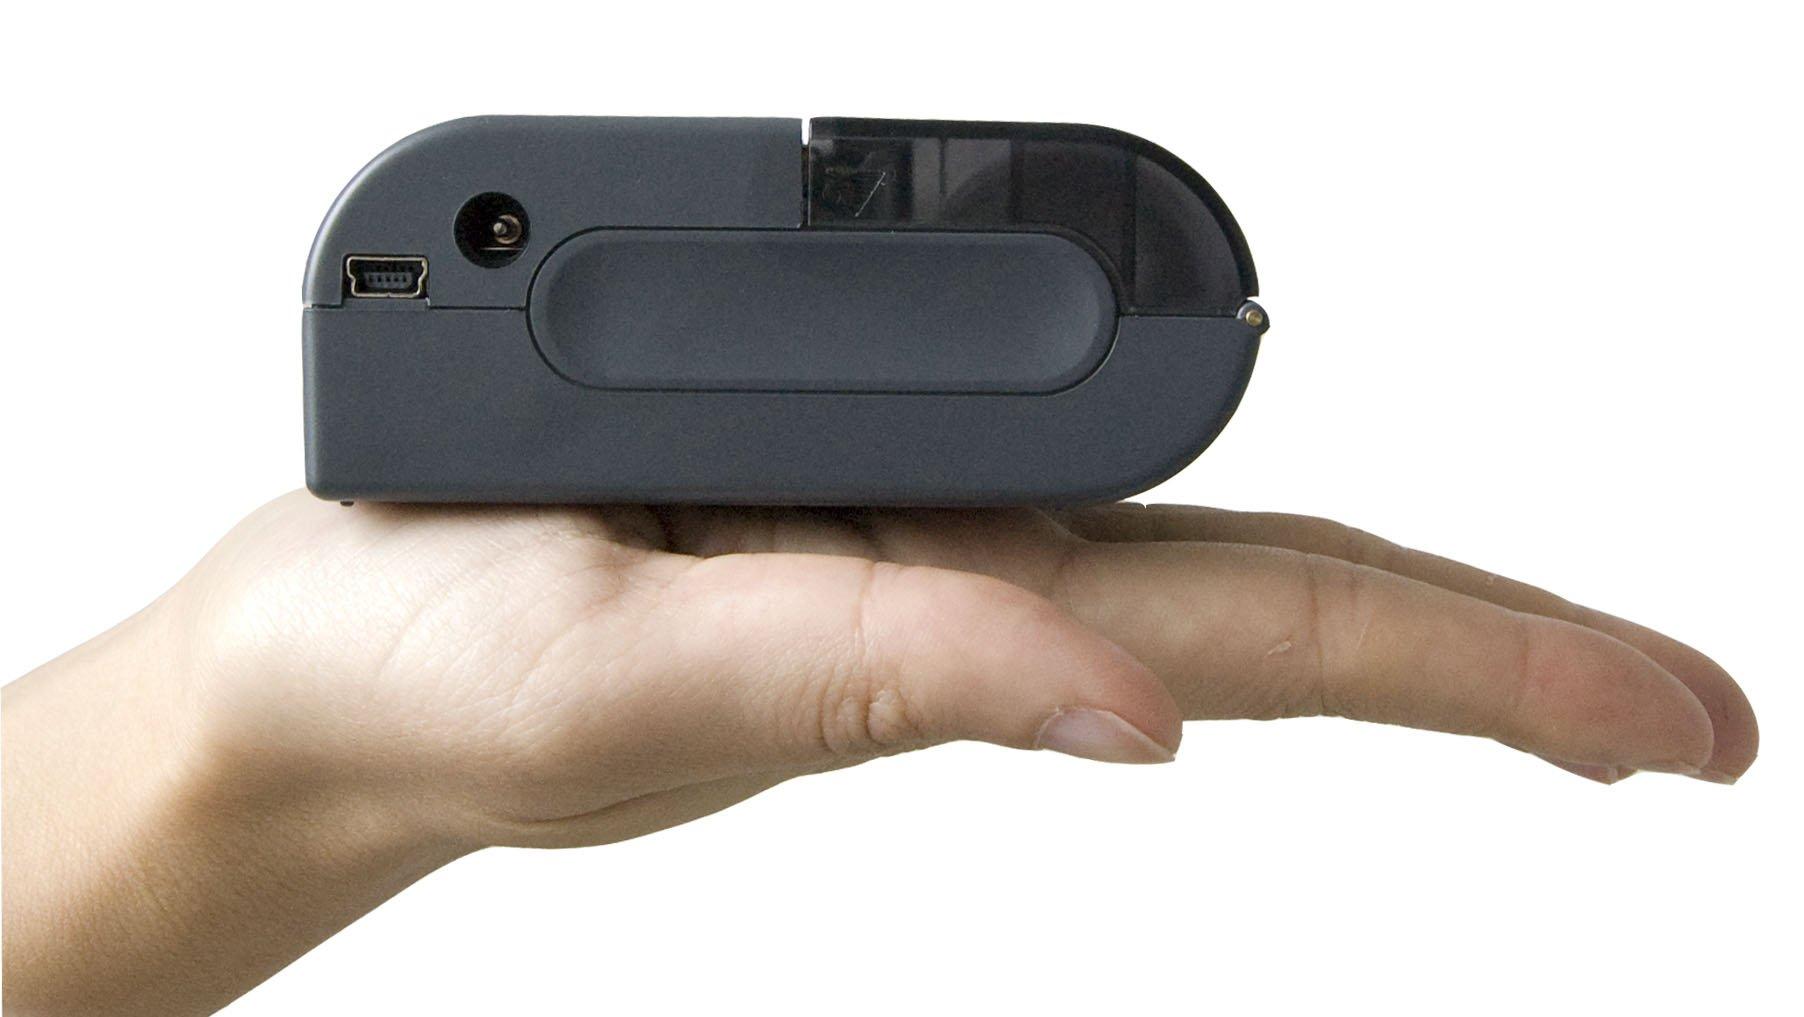 A small portable printer